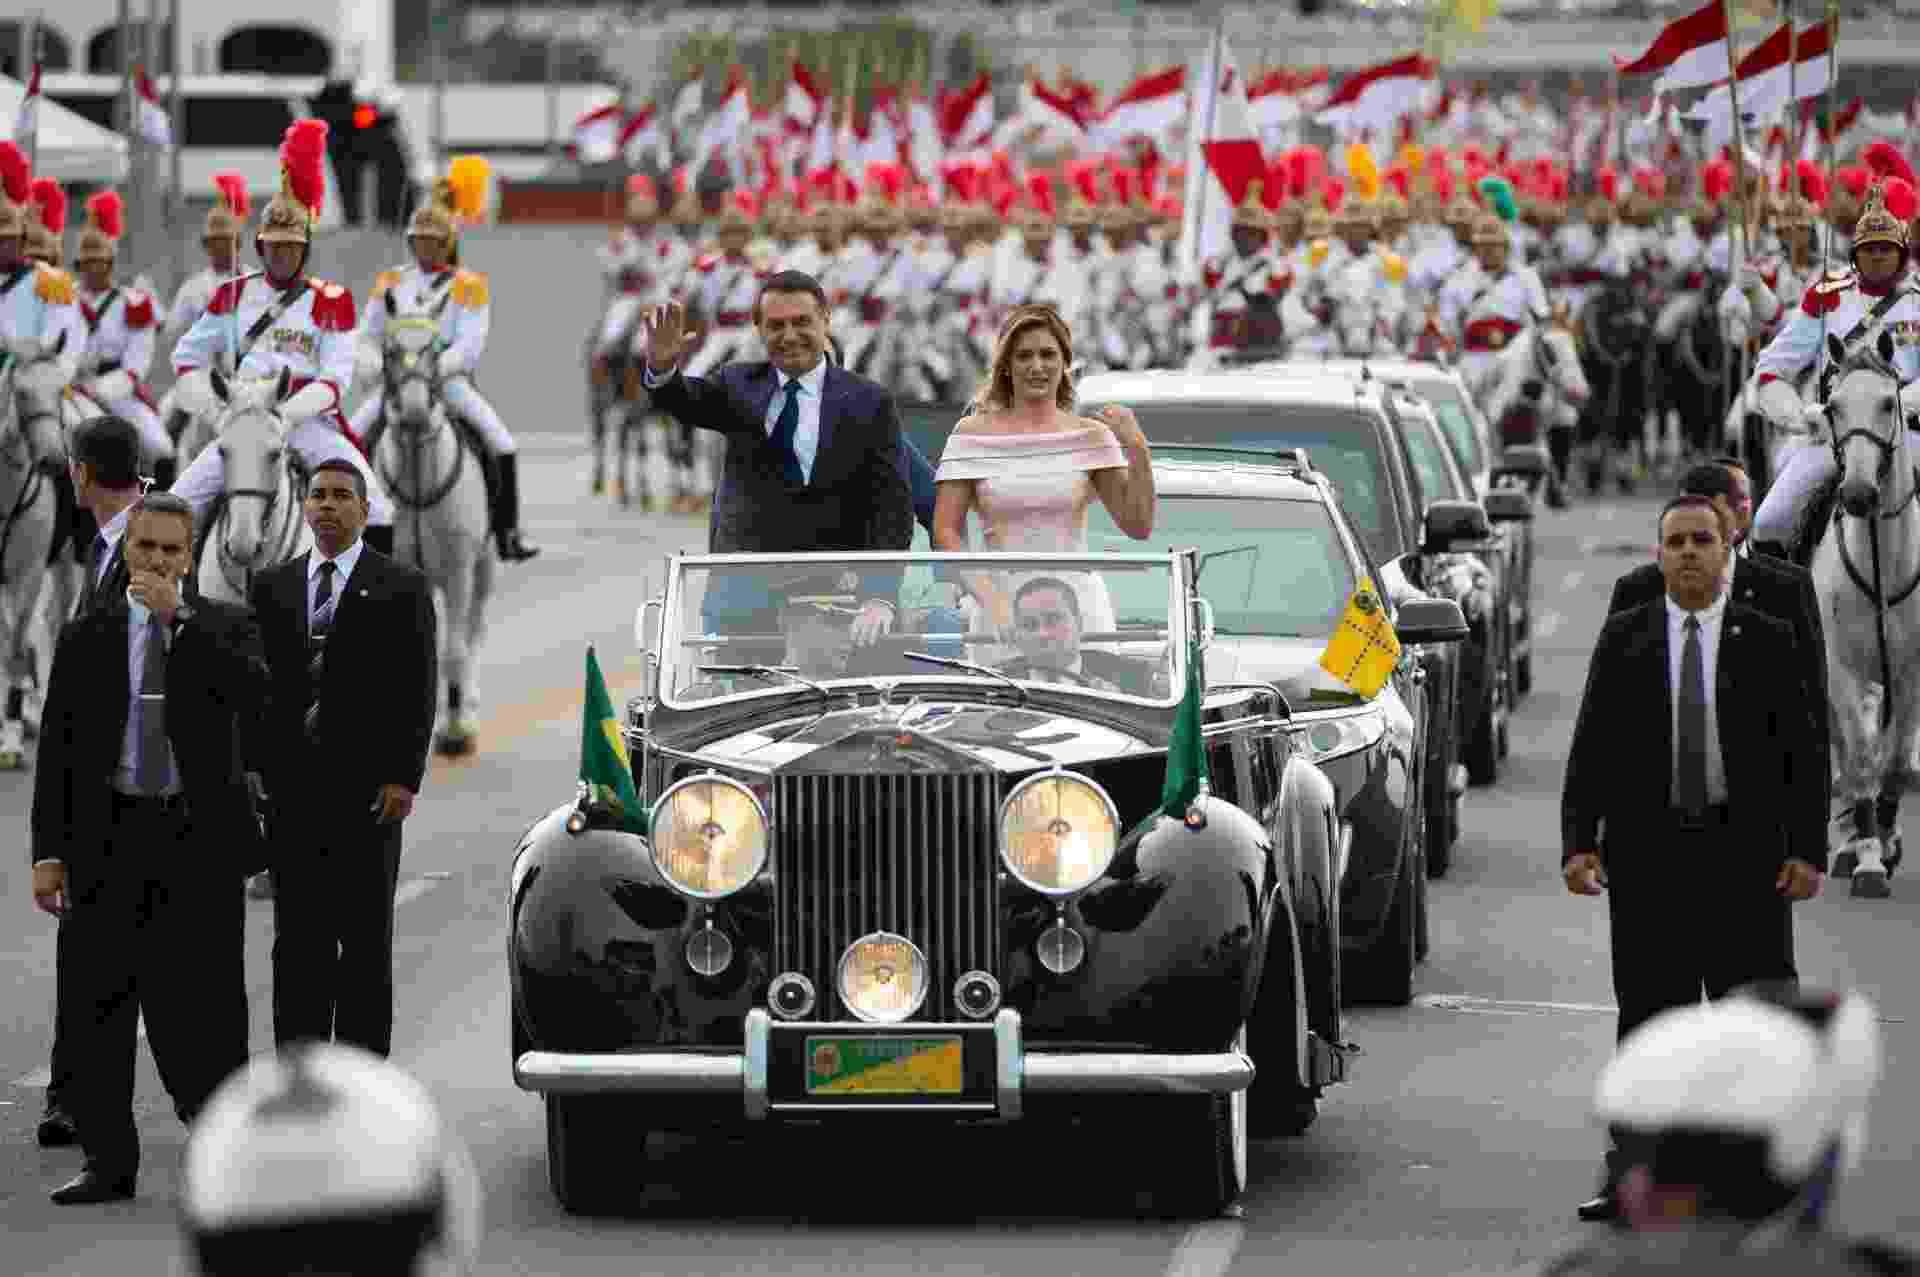 Jair Messias Bolsonaro desfila em carro aberto em Brasília - Andressa Anholete/Folhapress